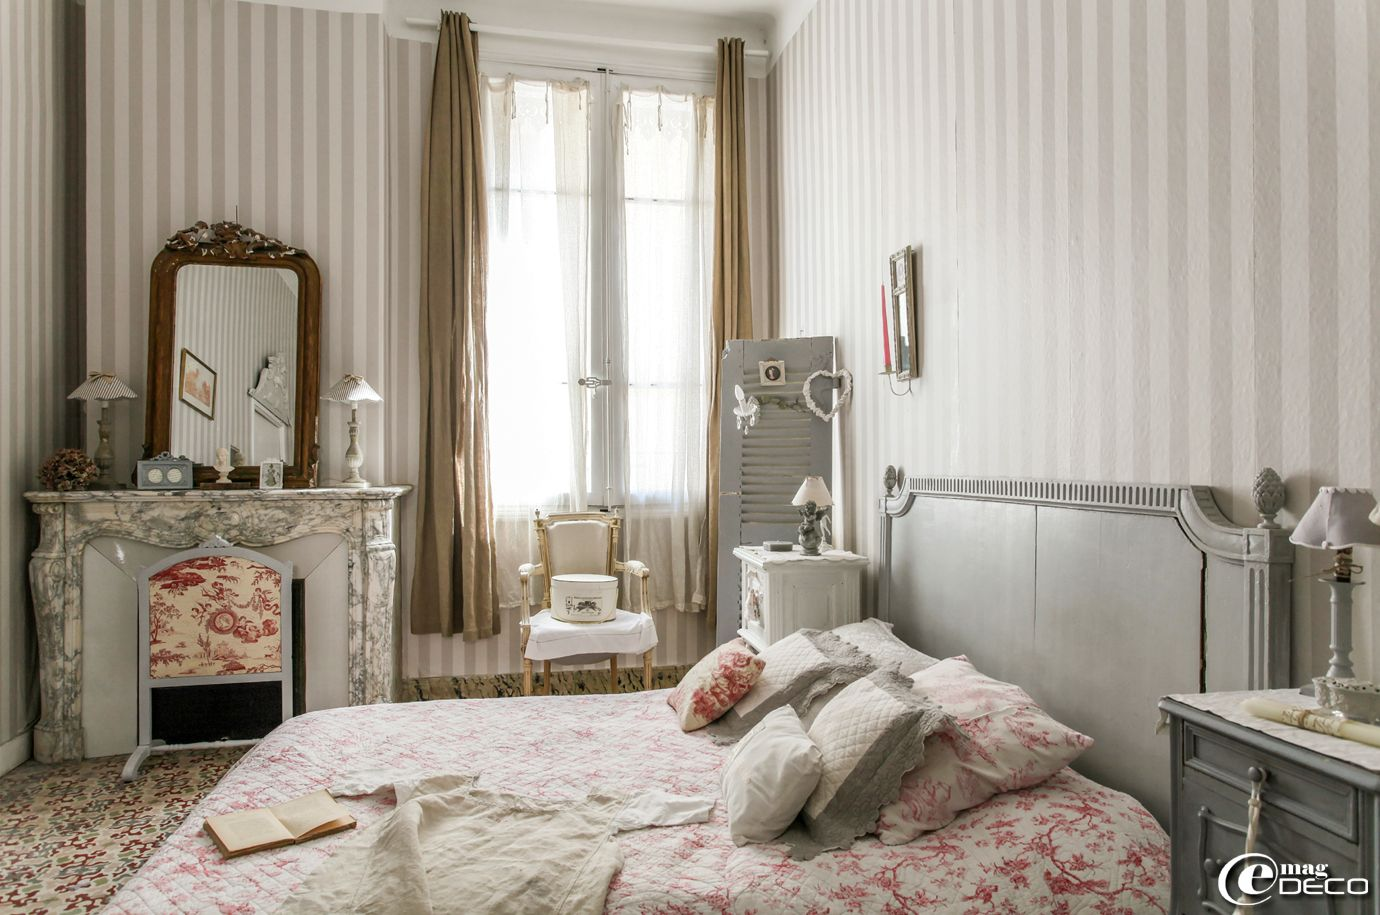 Papier Peint Campagne Chic dans une chambre, papier peint à rayures castorama, boutis la